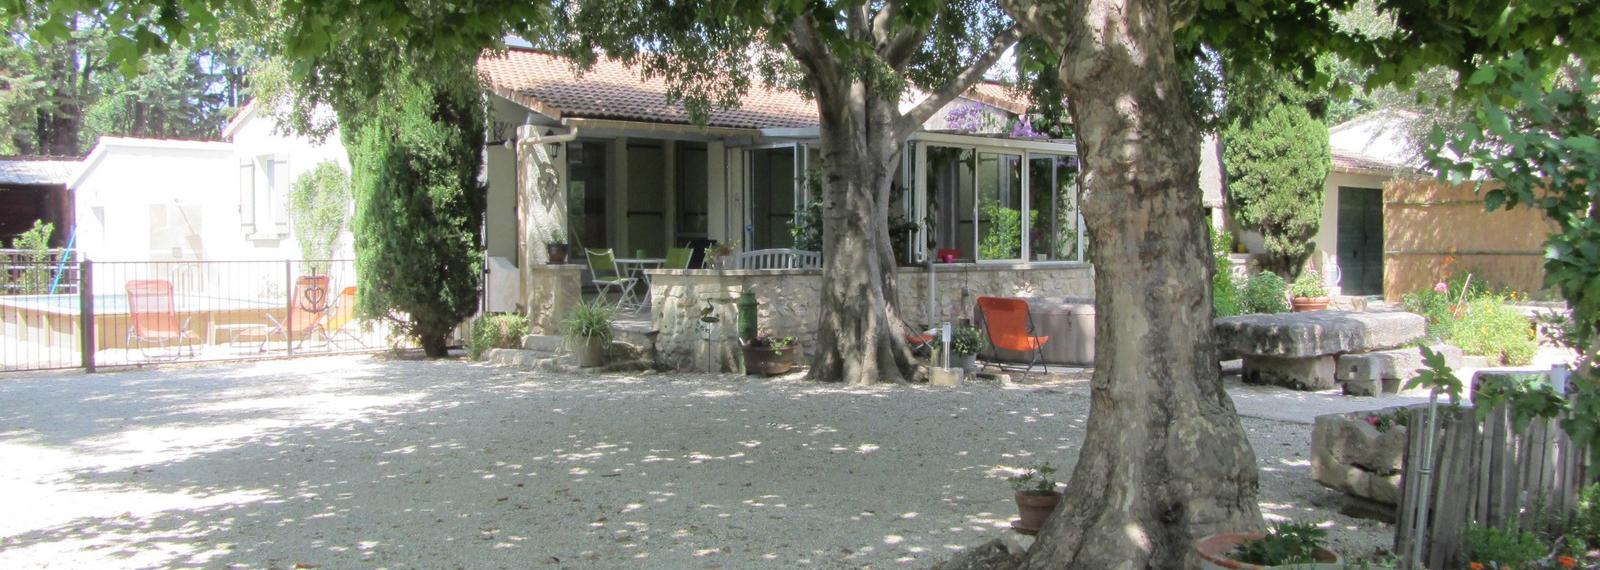 Location saisonnière Bernadette et Claude Gibelin à Saint-Rémy-de-Provence